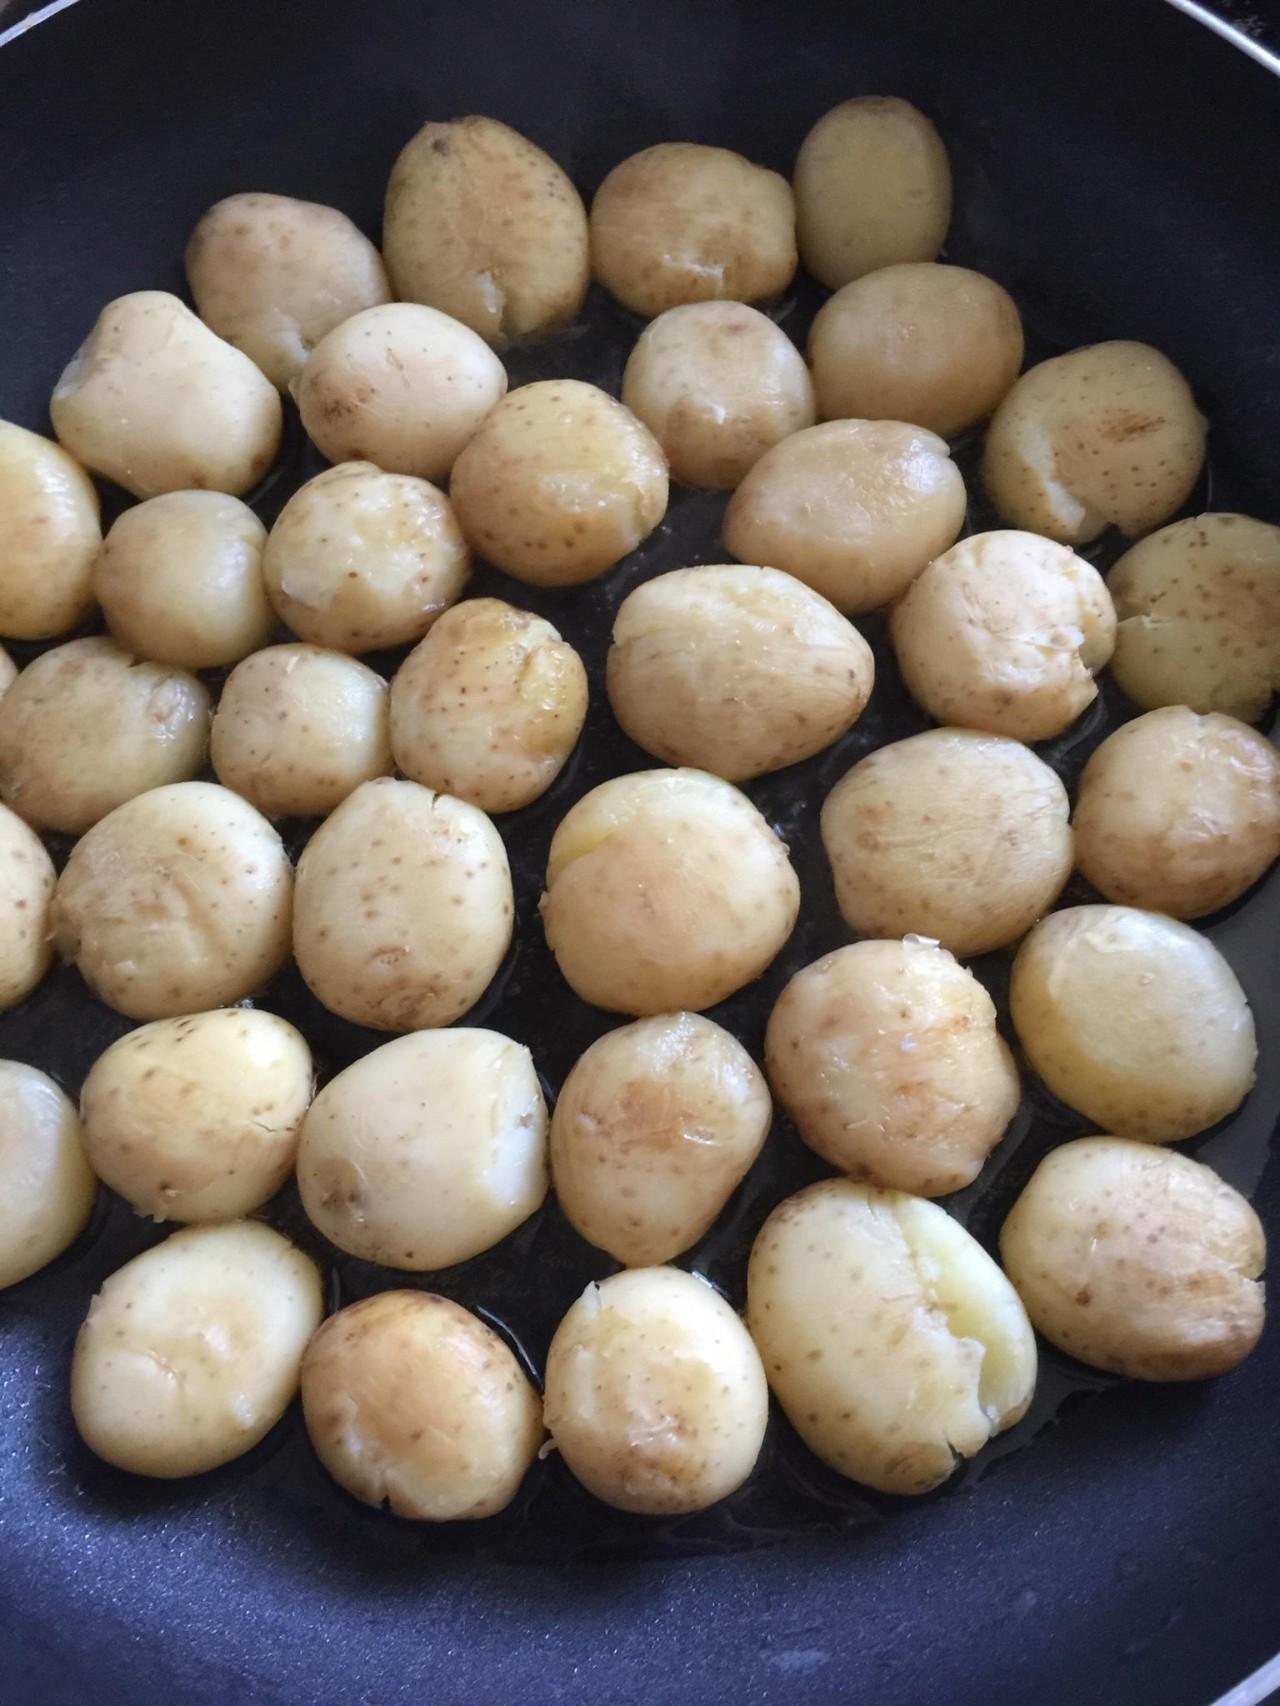 孜然香辣煎小土豆,一口一个超美味